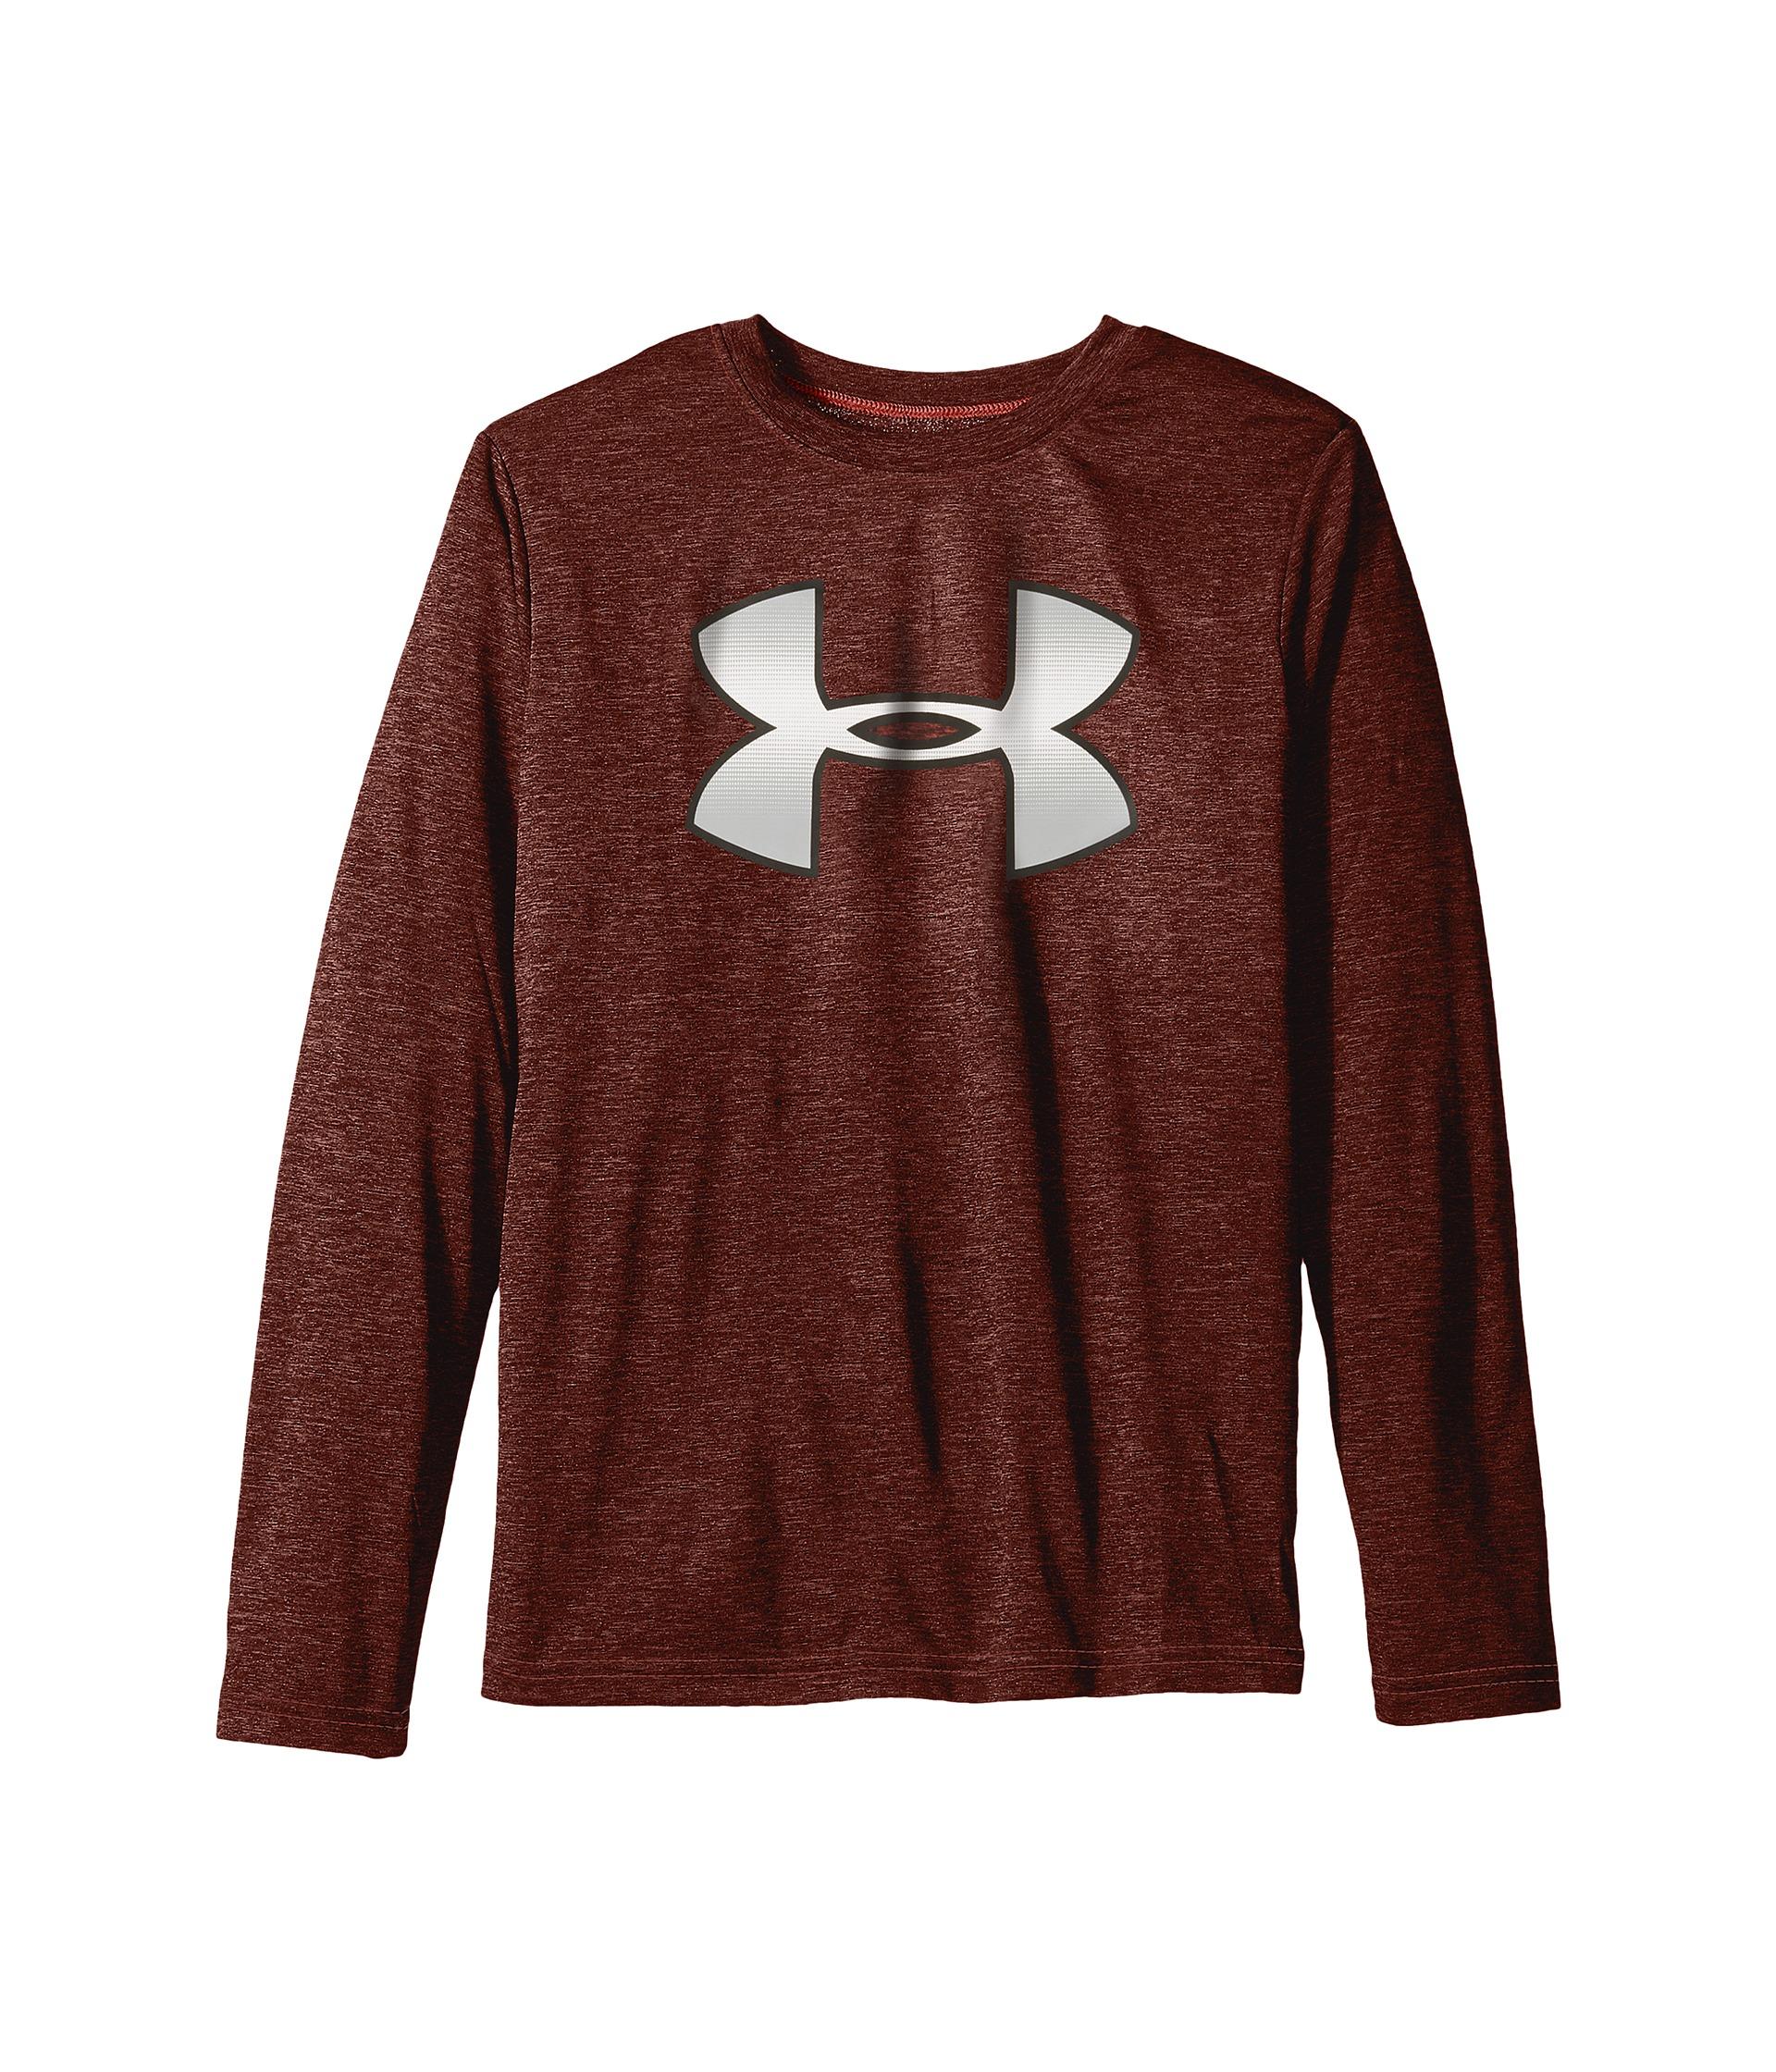 Under Armour Kids Novelty Big Logo Long Sleeve T Shirt